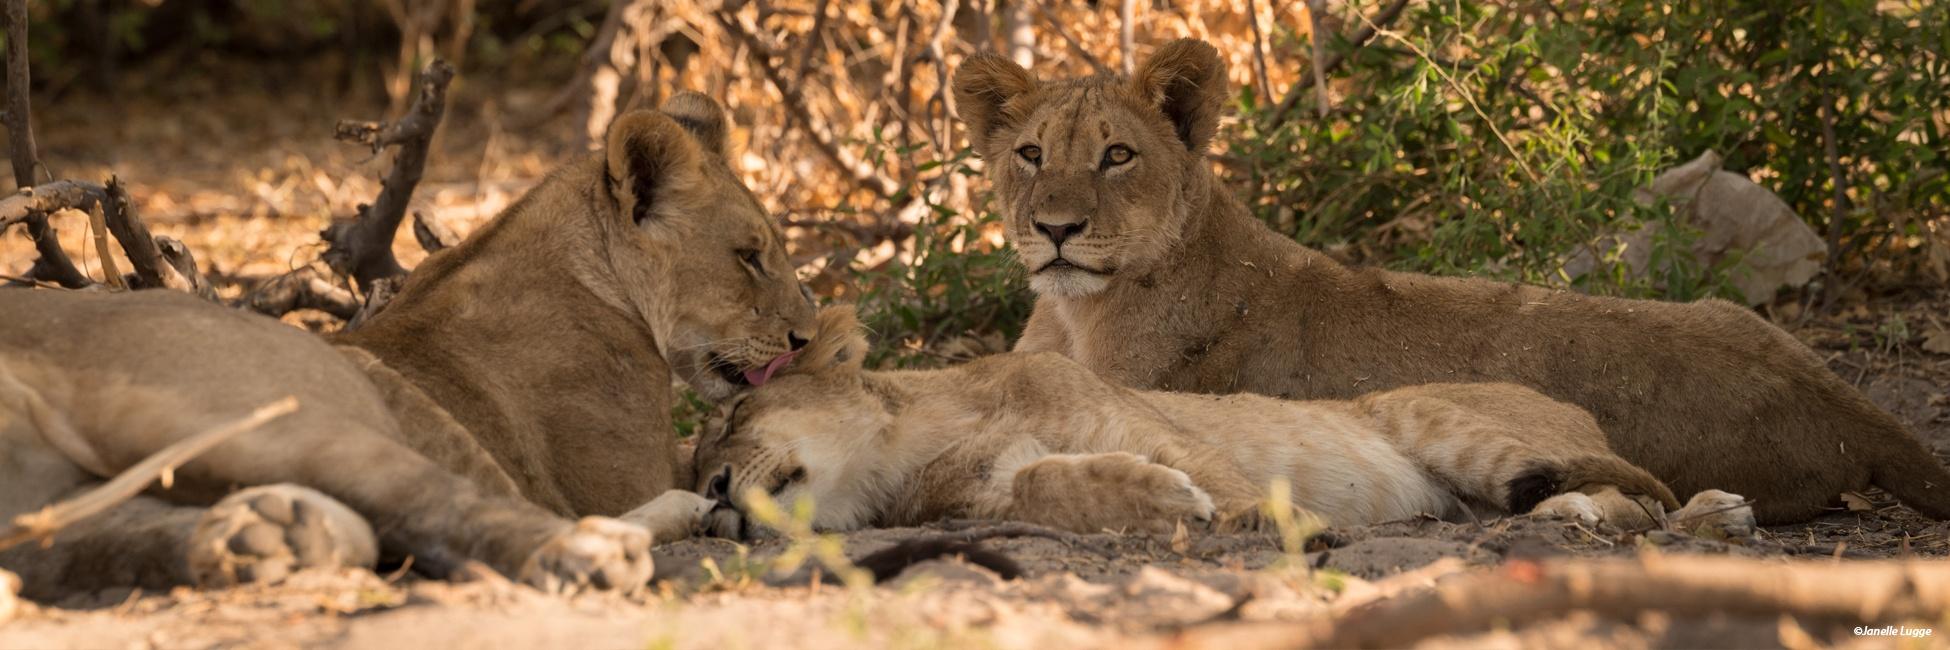 Lions, Afrique australe